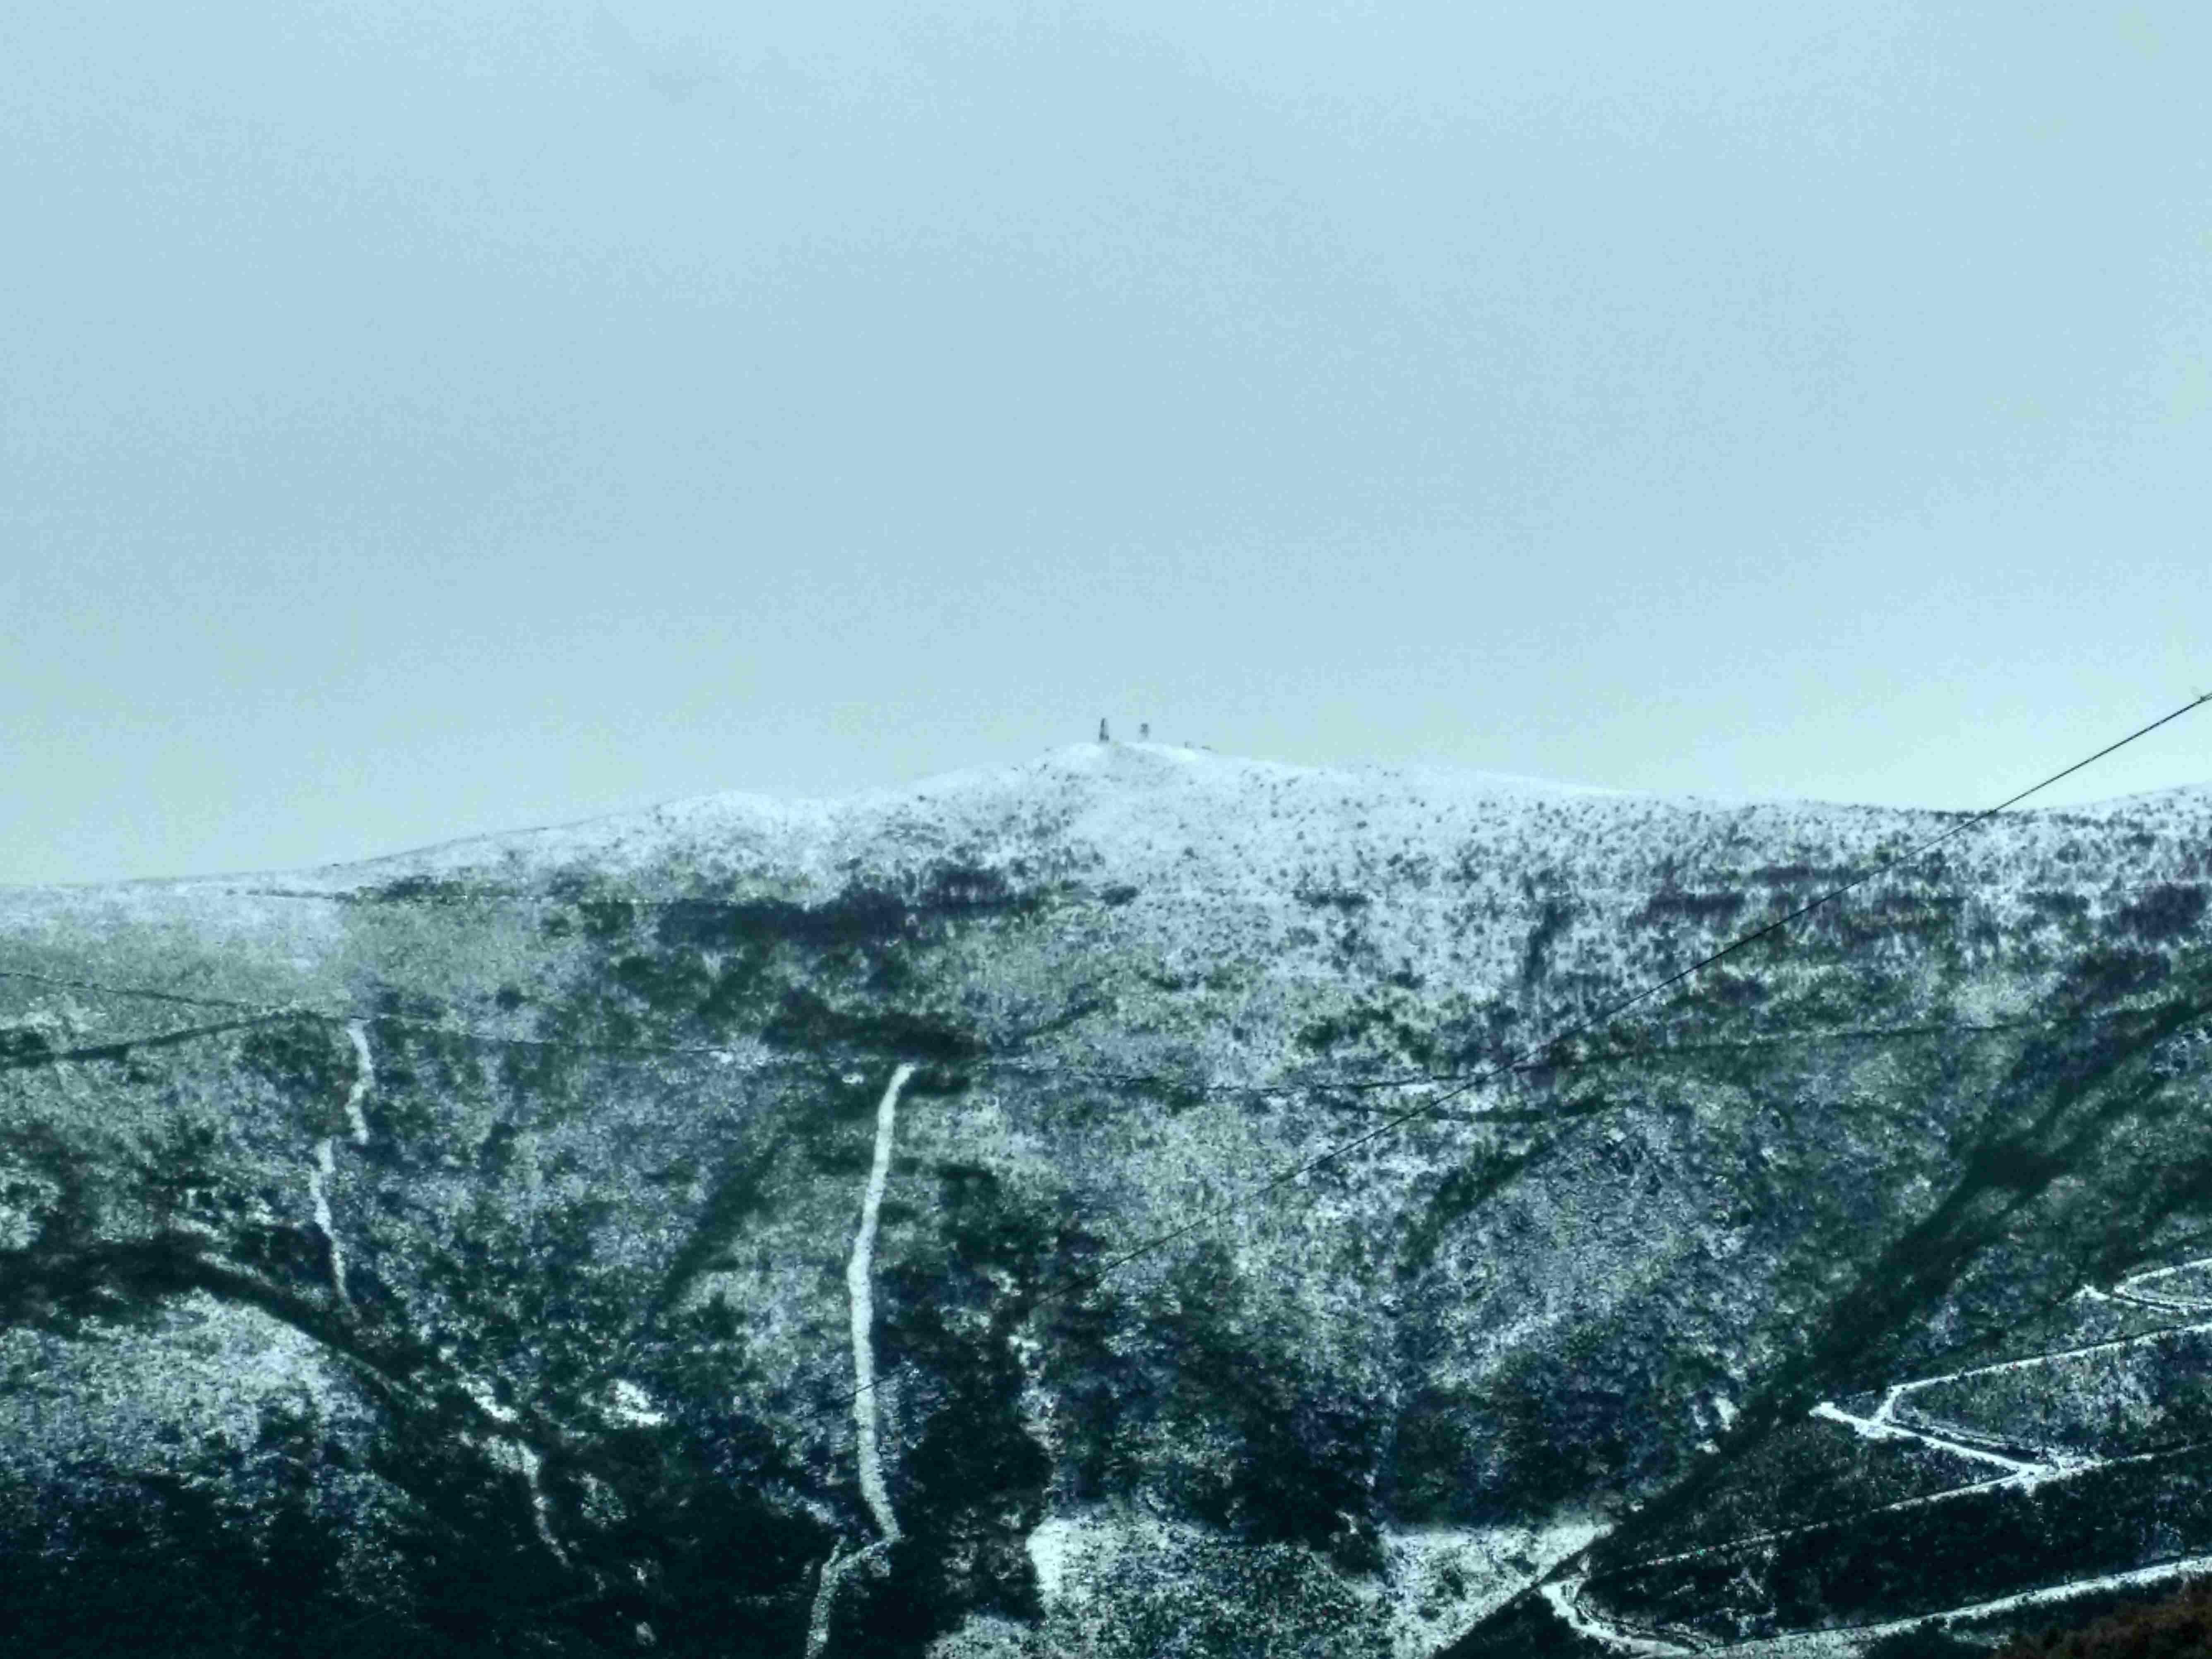 Neve no monte Alto de São Pedro Dias na Serra do Açor, perto do Piódão na estrada municipal no sentido Côja - Piódão a partir dos Penedos Altos vista de norte para sul, no Sábado, 25 de Março de 2017